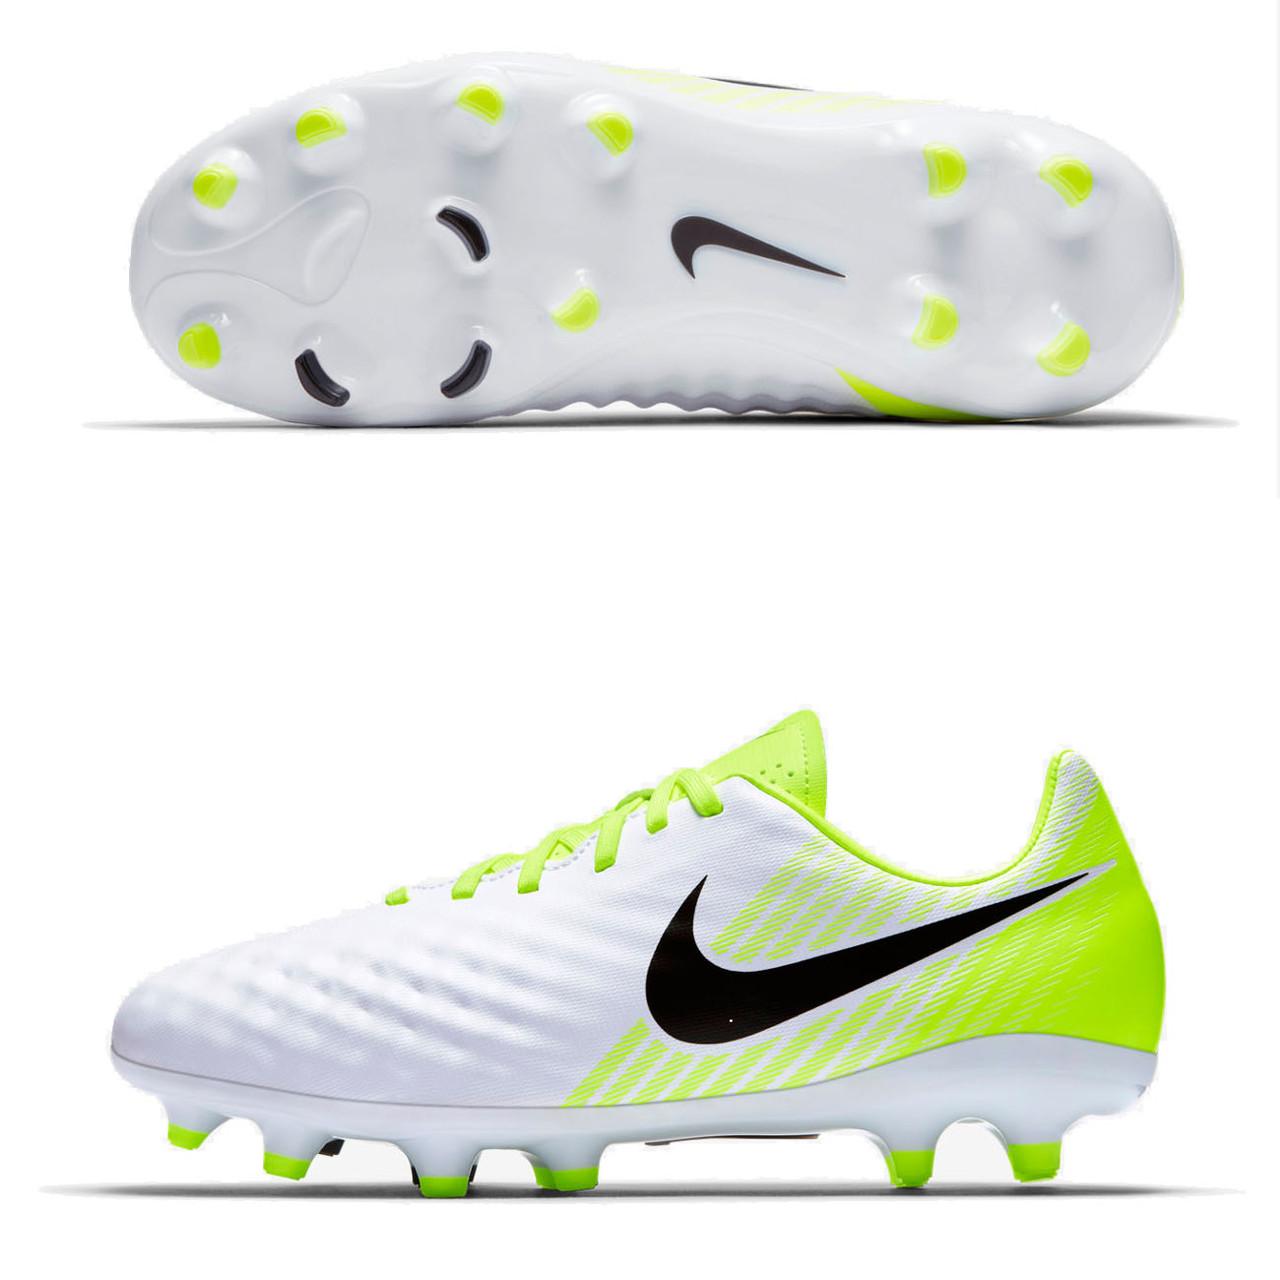 af69ddb1 Детские Копы Nike Magista Opus II FG JR - Sport Active People - Интернет  Магазин Спортивной